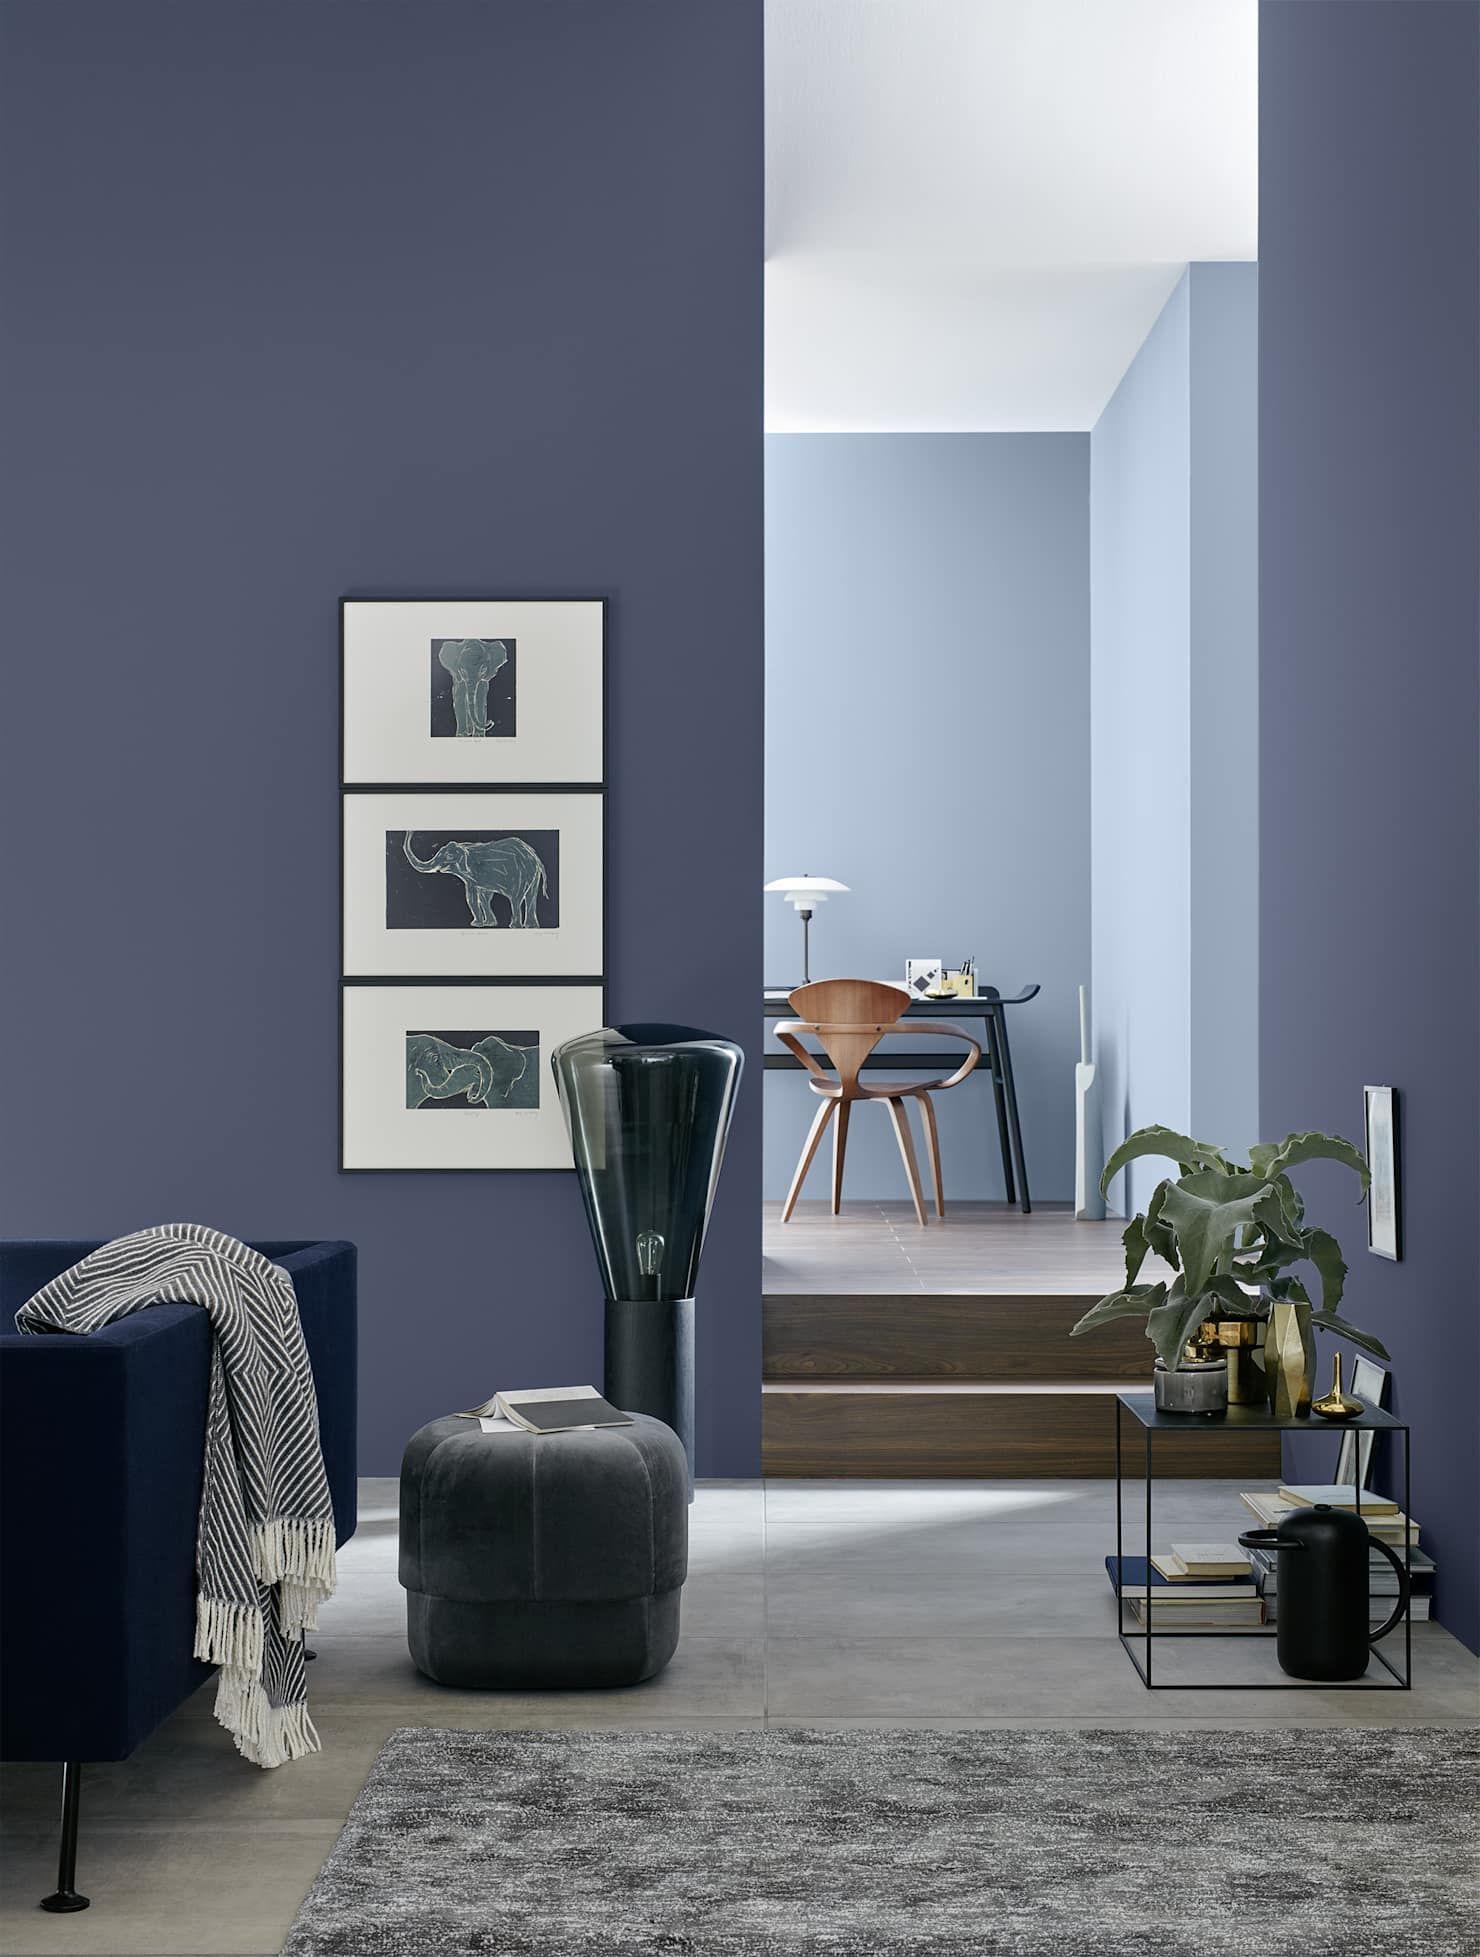 Belém Architects Finest Moderne Wohnzimmer Von SchÖner Wohnen Farbe Schöner Wohnen Farbe Wohnen Schöner Wohnen Wandfarbe